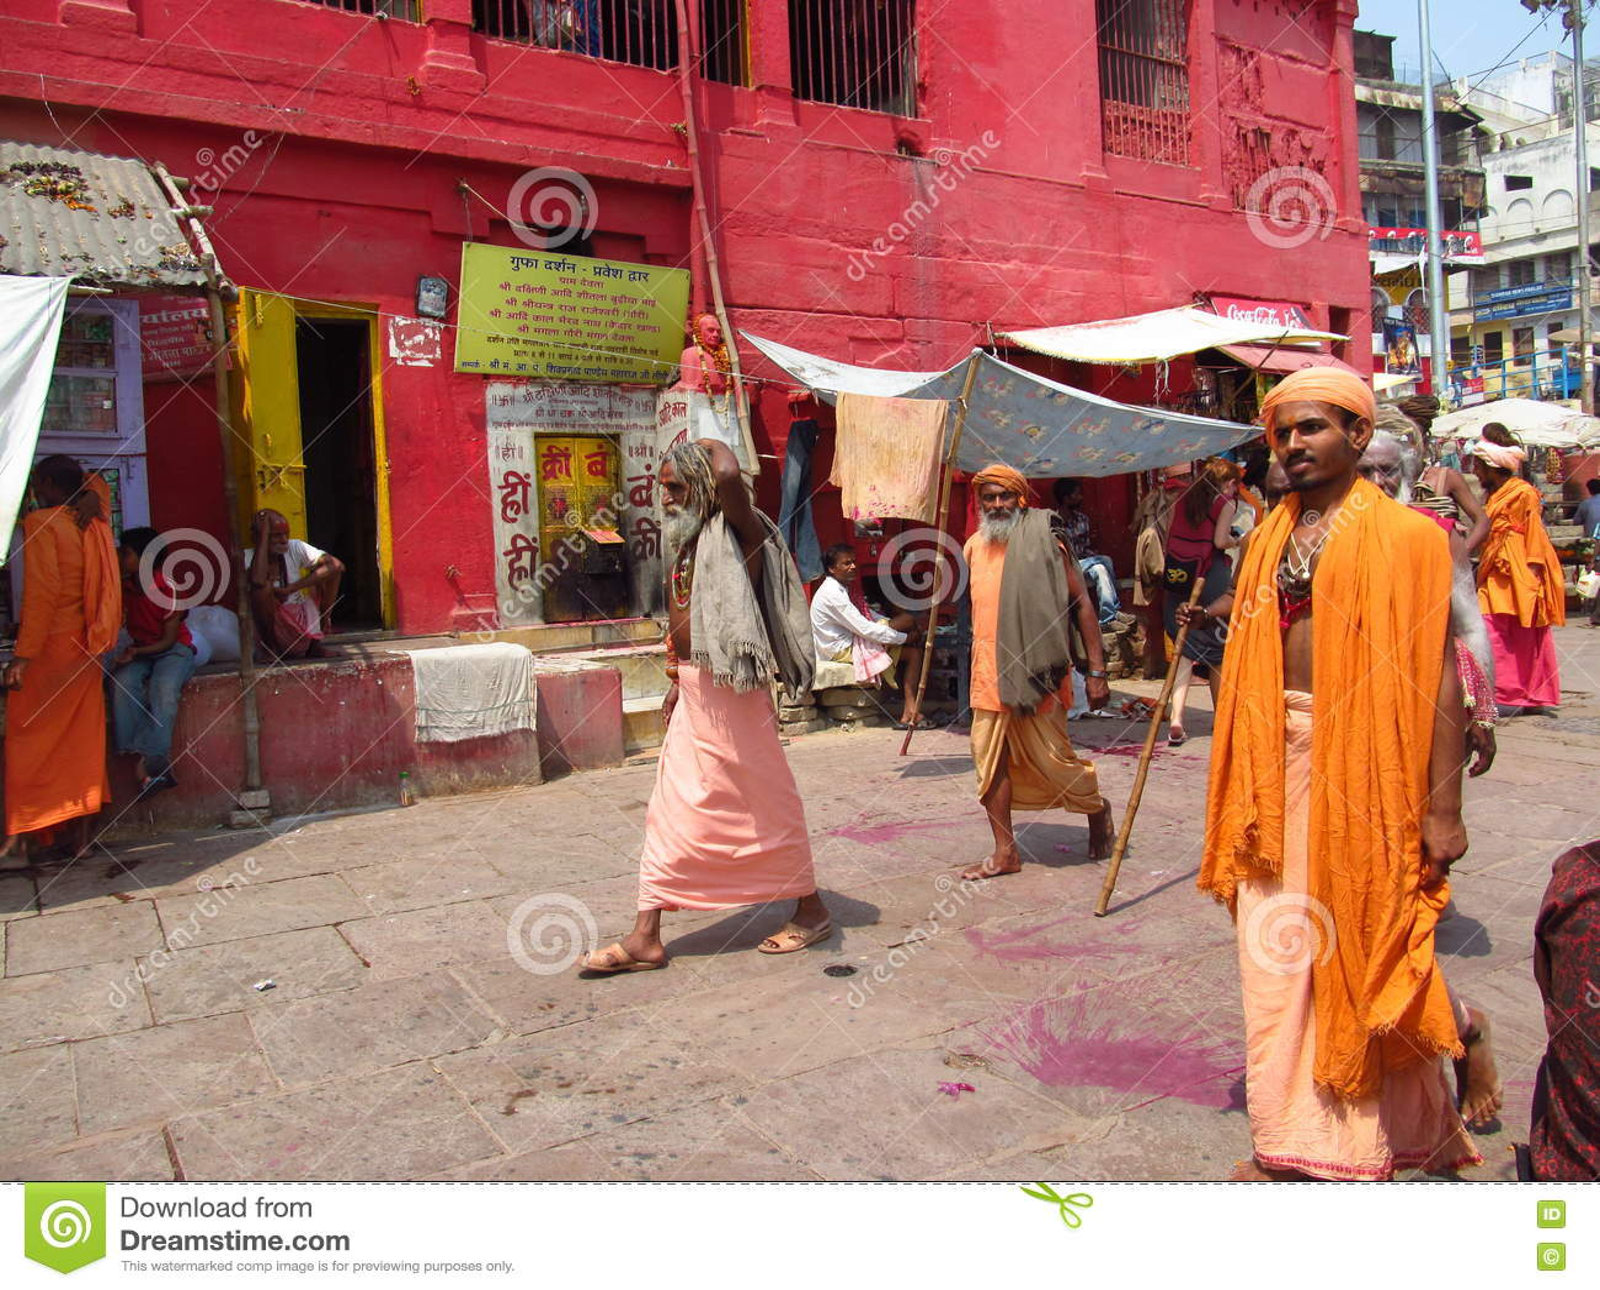 Hindu piligrims in orange clothes in Varanasi